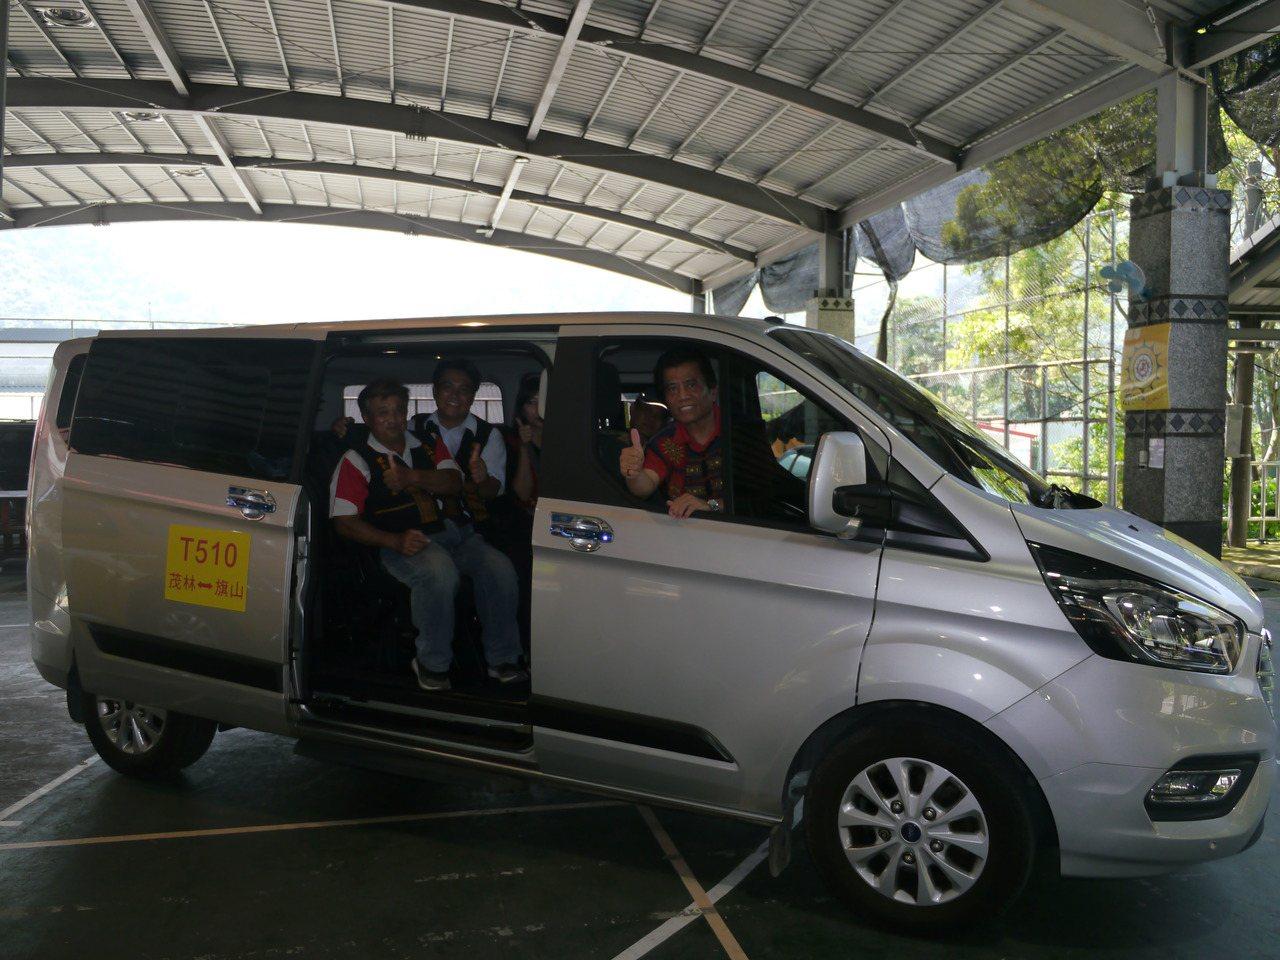 高雄茂林三里長上車試乘公車式小黃的搭乘環境。記者徐白櫻/攝影